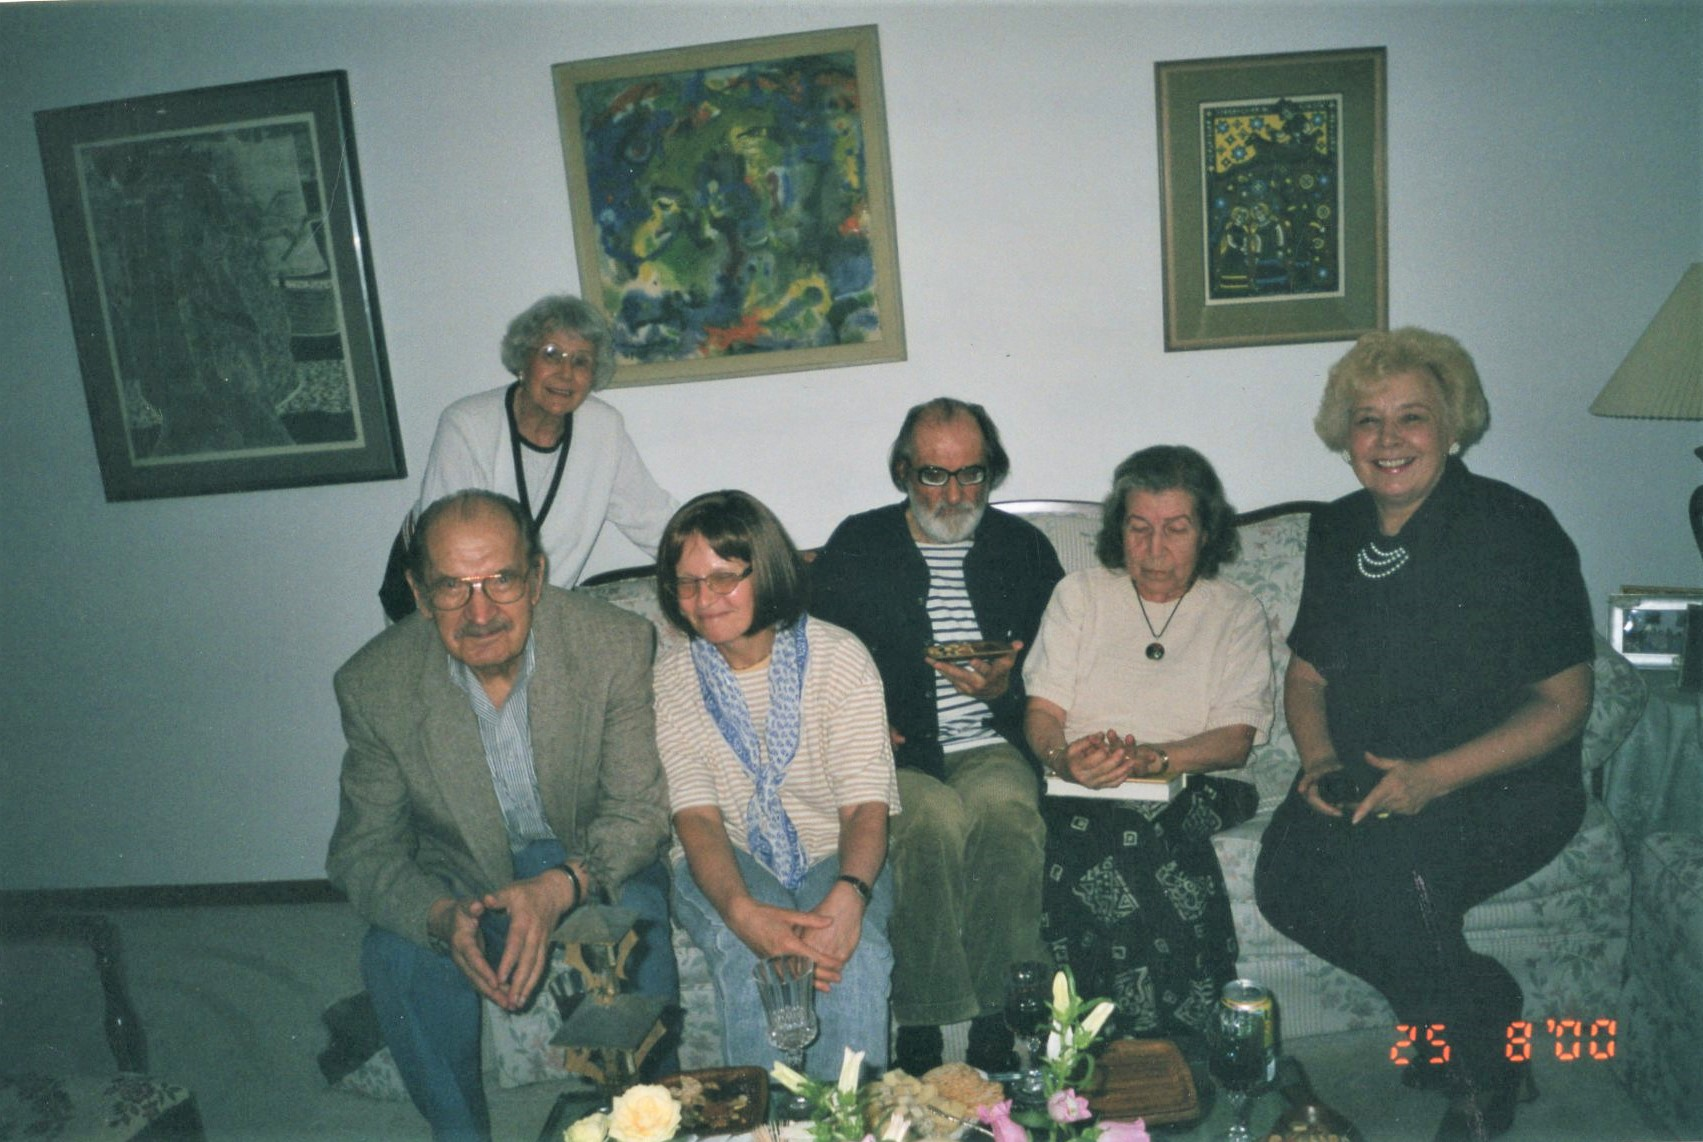 Poezijos dienų metu pas J. Švabaitę, 2001 05 Lemonte. Iš kairės – J. Švabaitė, T. Antanaitis, N. Miliauskaitė, V. Bložė, L. Sutema, A. Sakalaitė